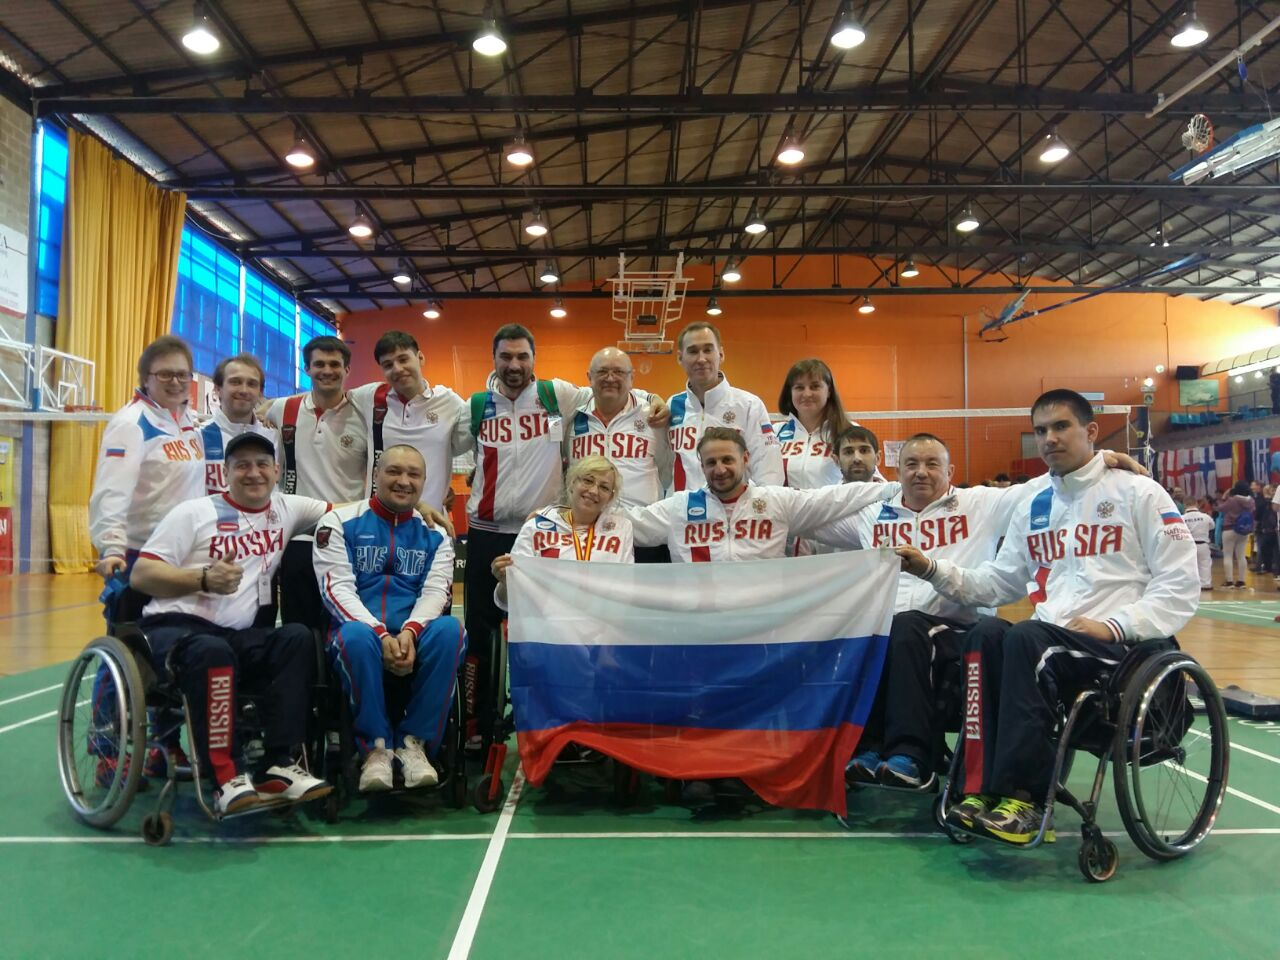 Российская парабаминтонистка Ирина Кузьменко завоевала бронзовую награду международного турнира в Испании